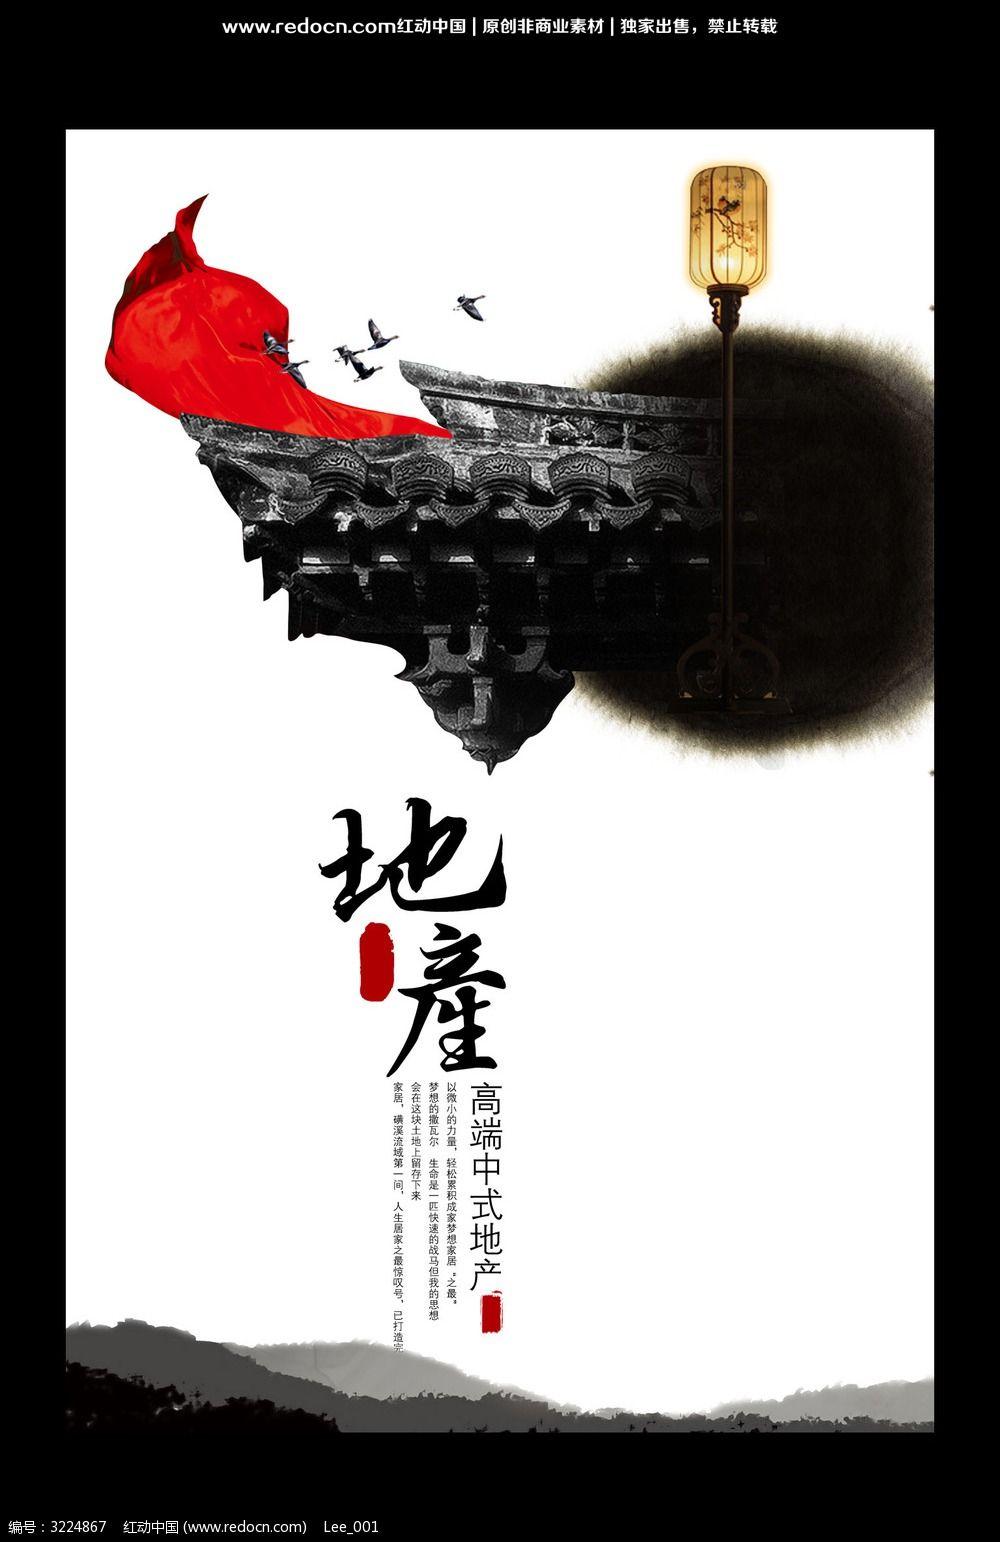 古典中国风地产广告图片